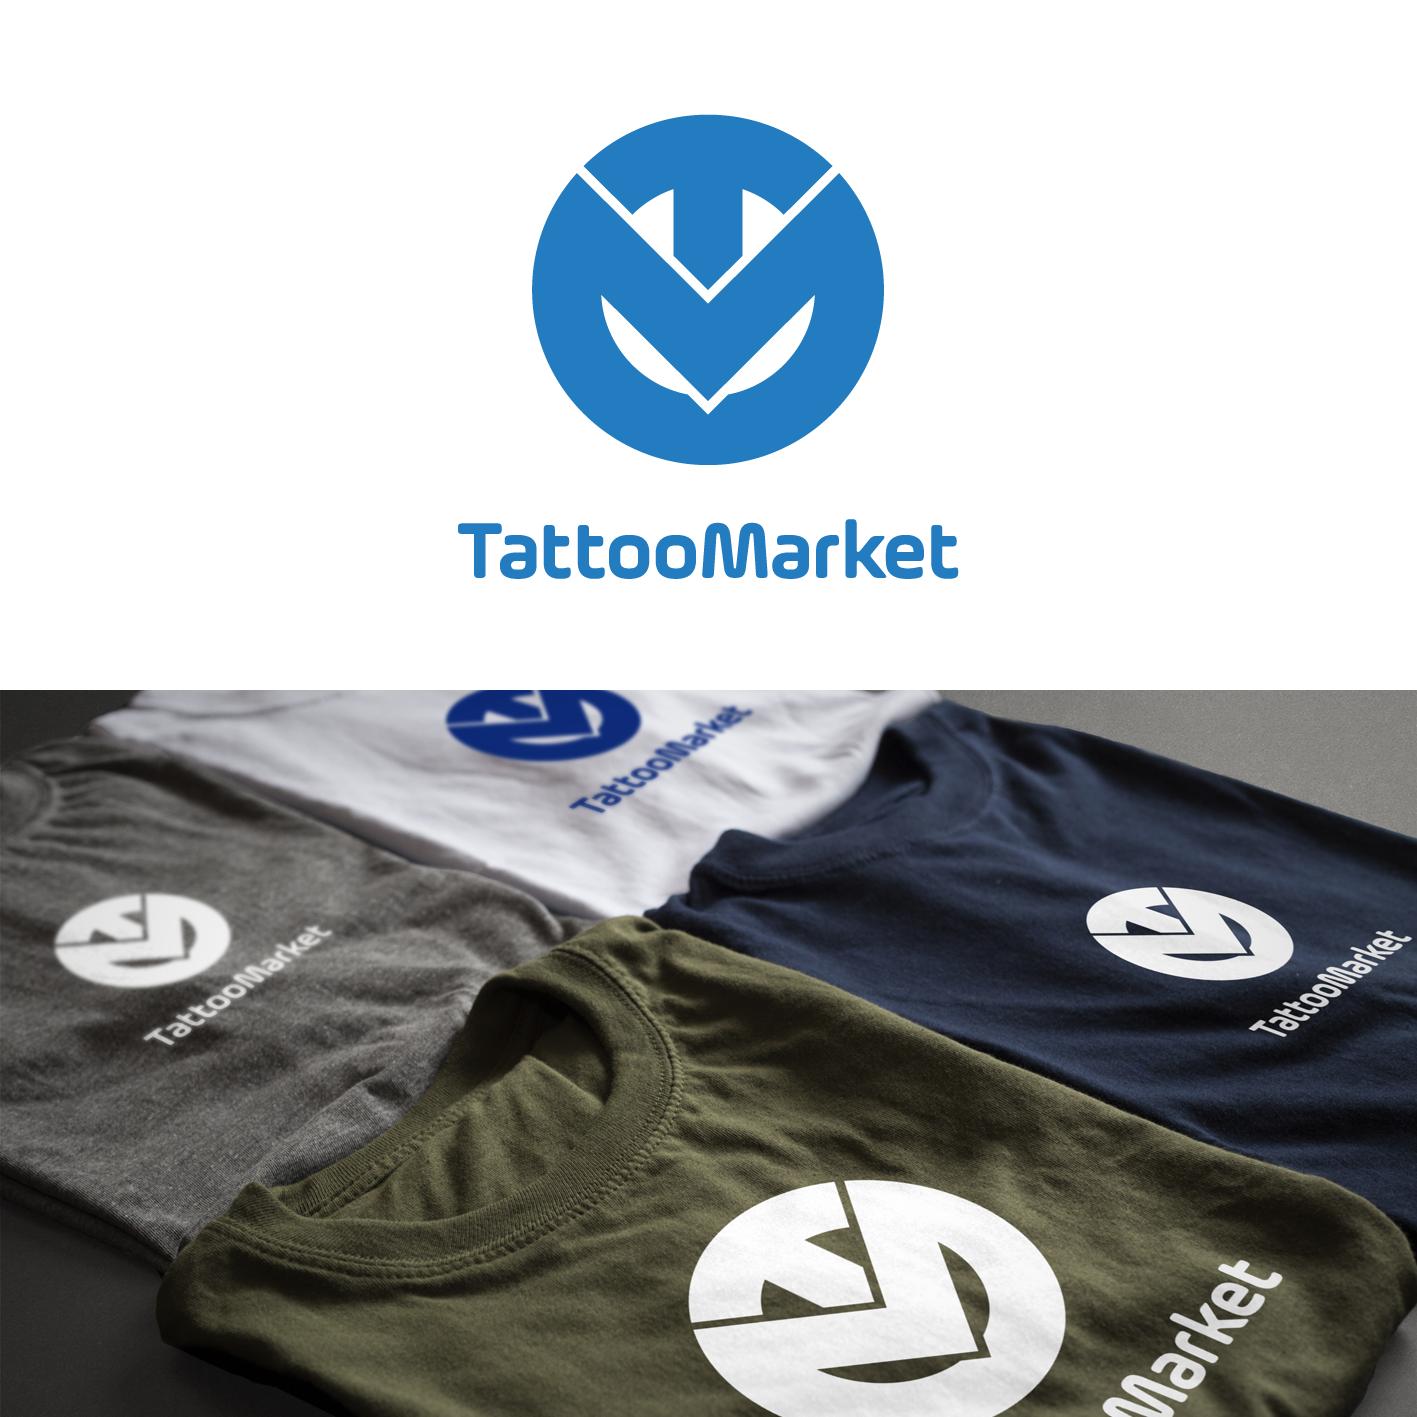 Редизайн логотипа магазина тату оборудования TattooMarket.ru фото f_6125c3c5b9a1b05e.png